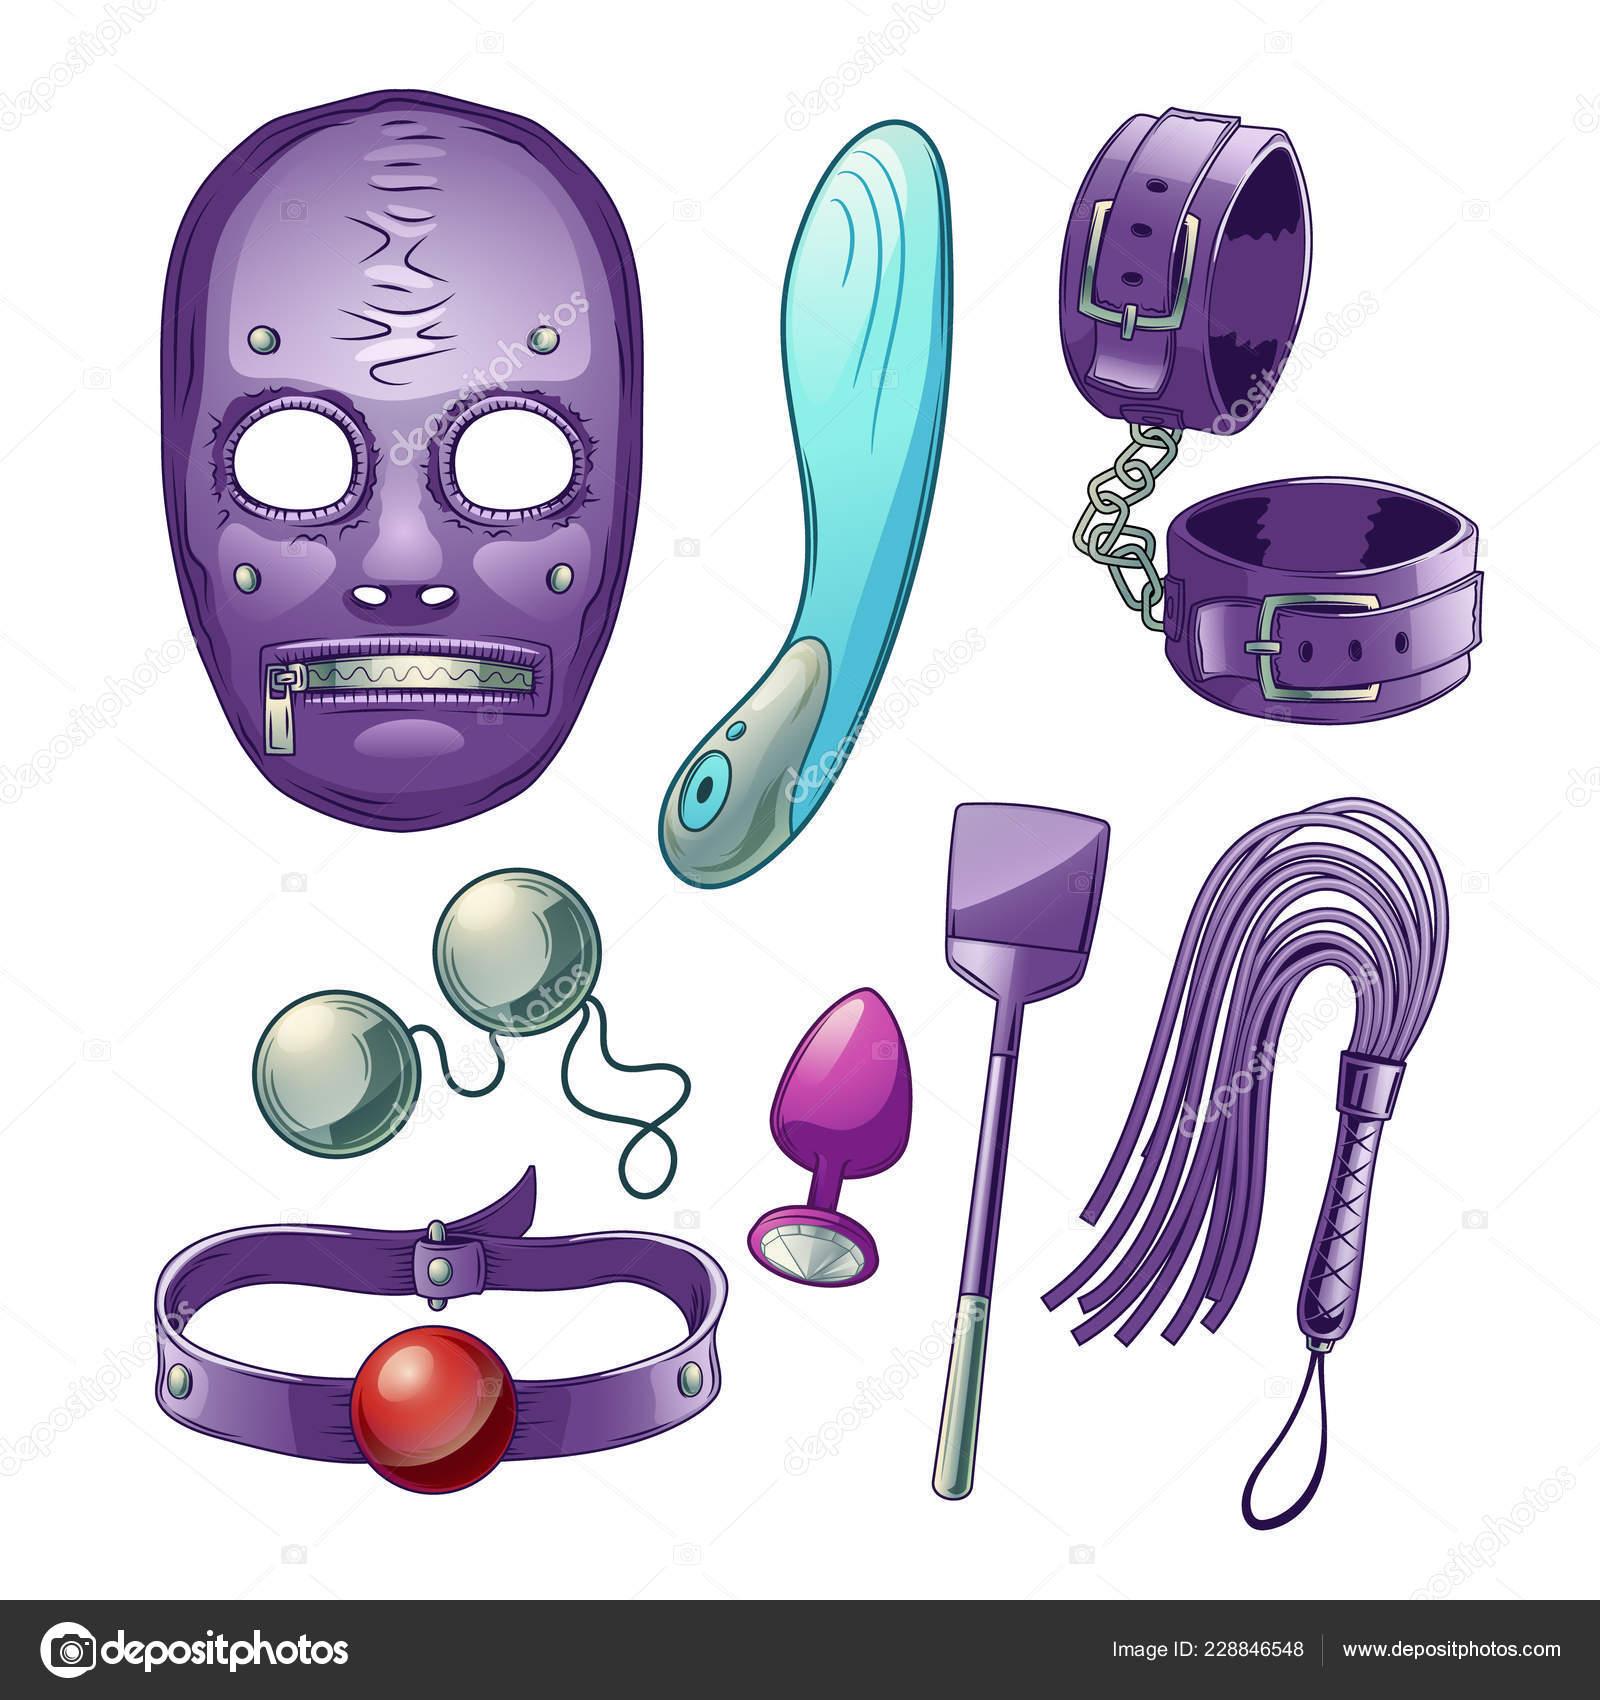 7b4186099dd0 Juguetes sexuales de adultos, accesorios para Bdsm papel juego de dibujos  animados vector con consolador o vibrador, mascarilla de látex, esposas de  cuero y ...